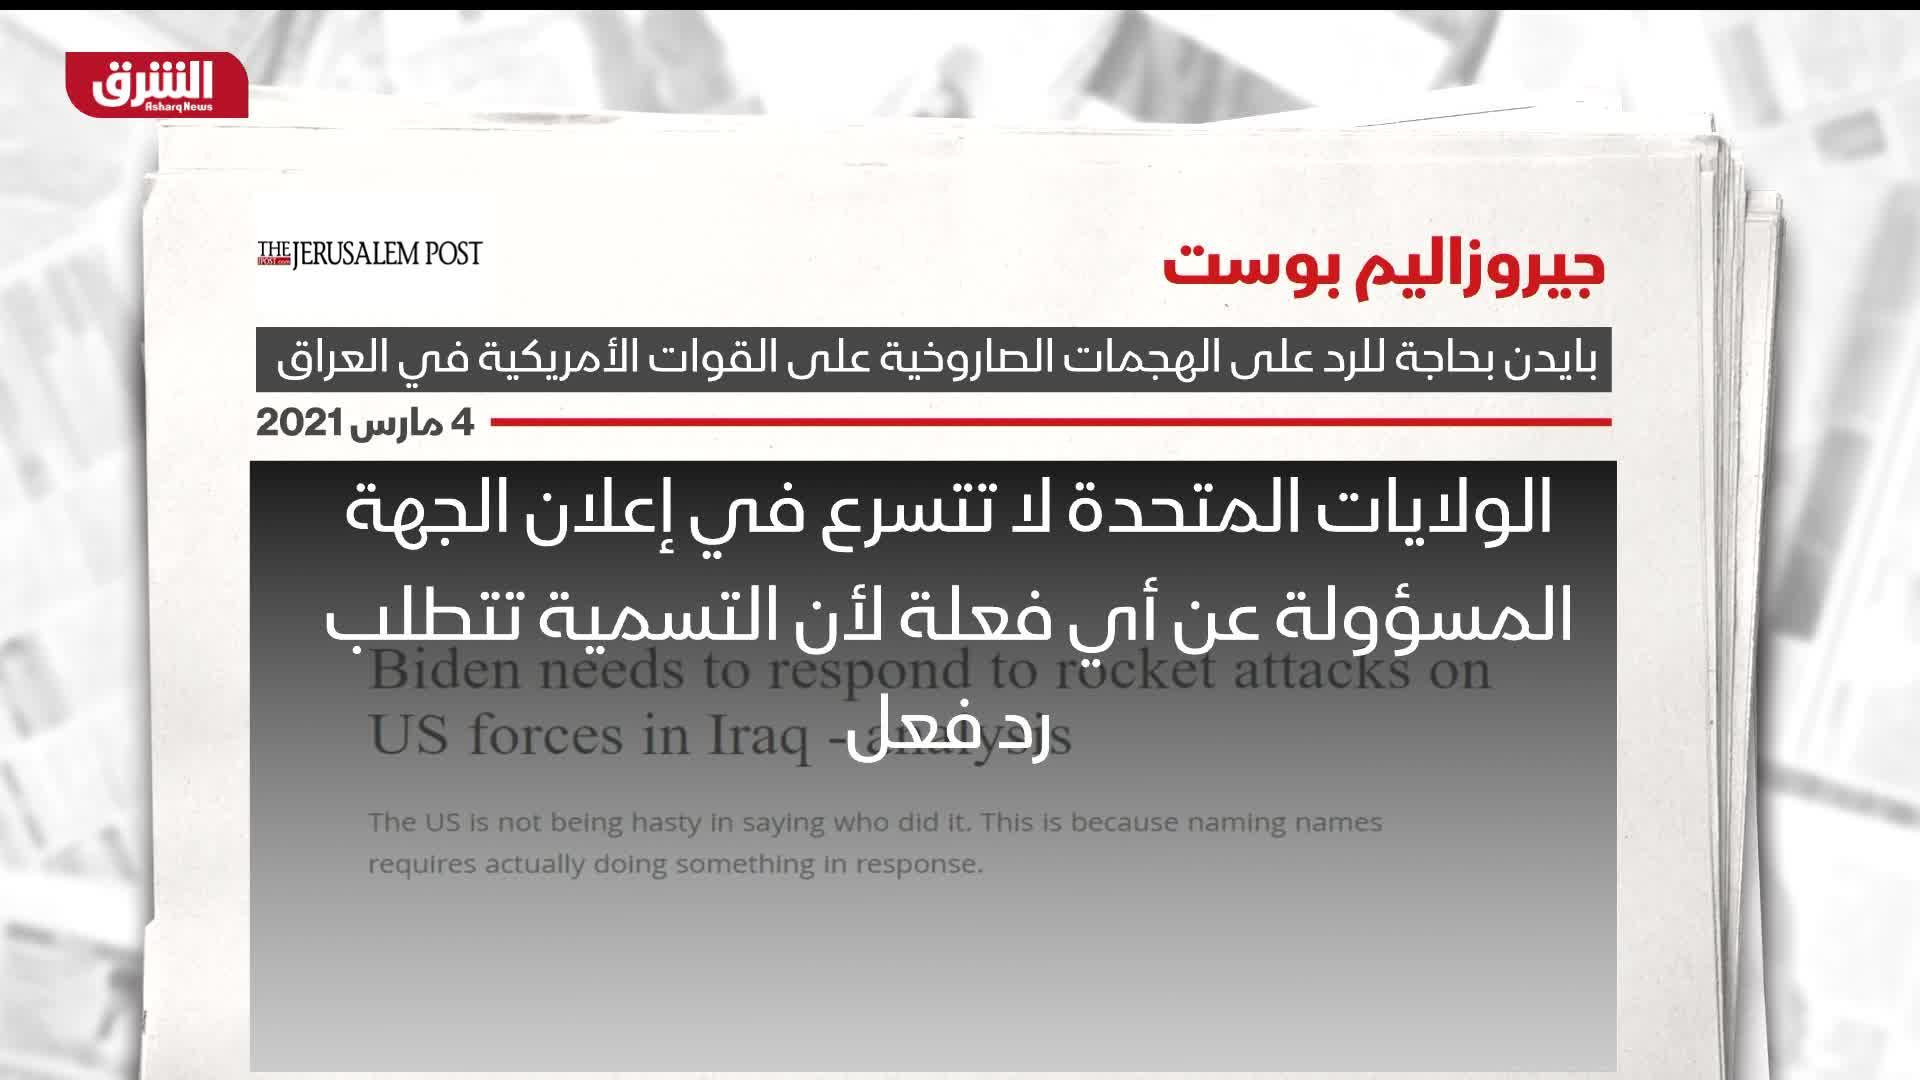 جيروزاليم بوست: بايدن بحاجة للرد على الهجمات على القوات الأميركية في العراق